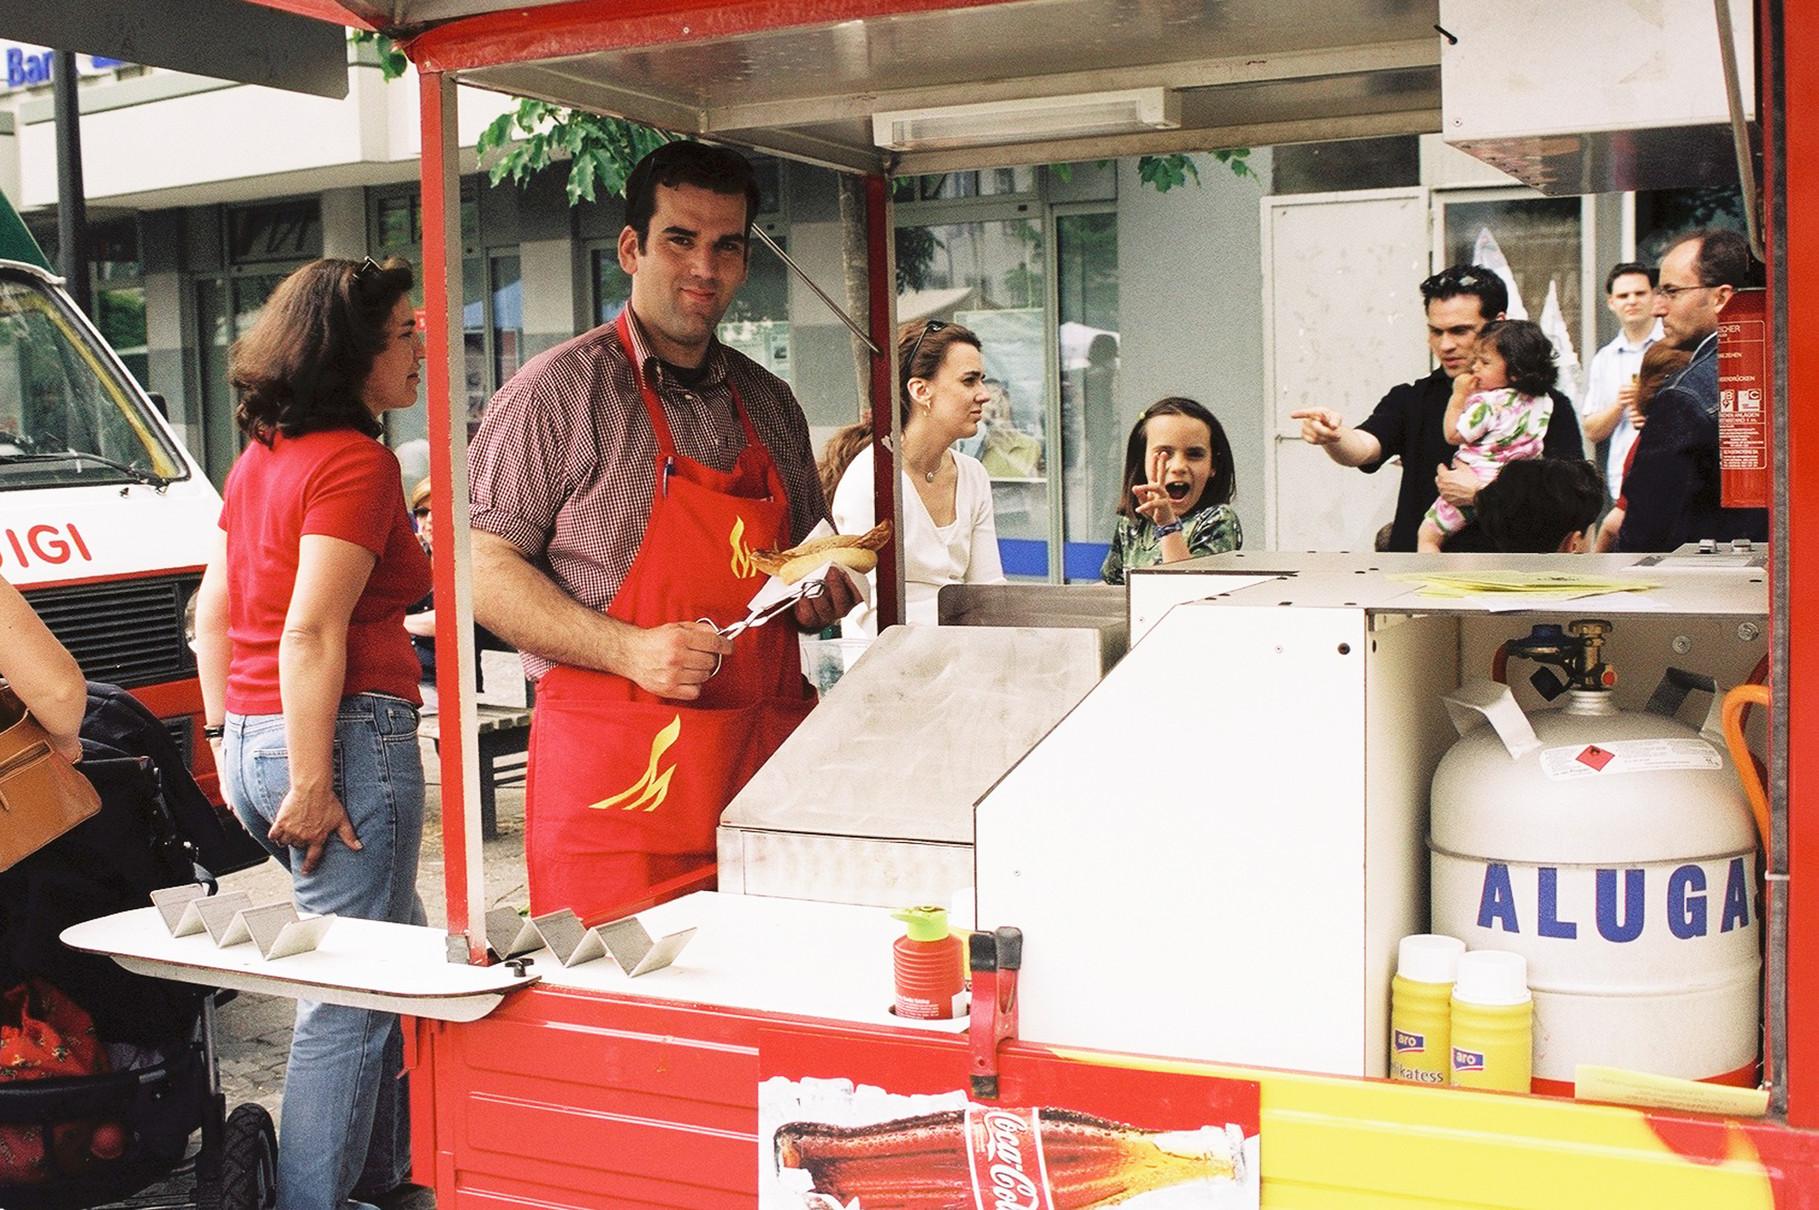 Venda de salsichas alemãs em festa portuguesa, 2003